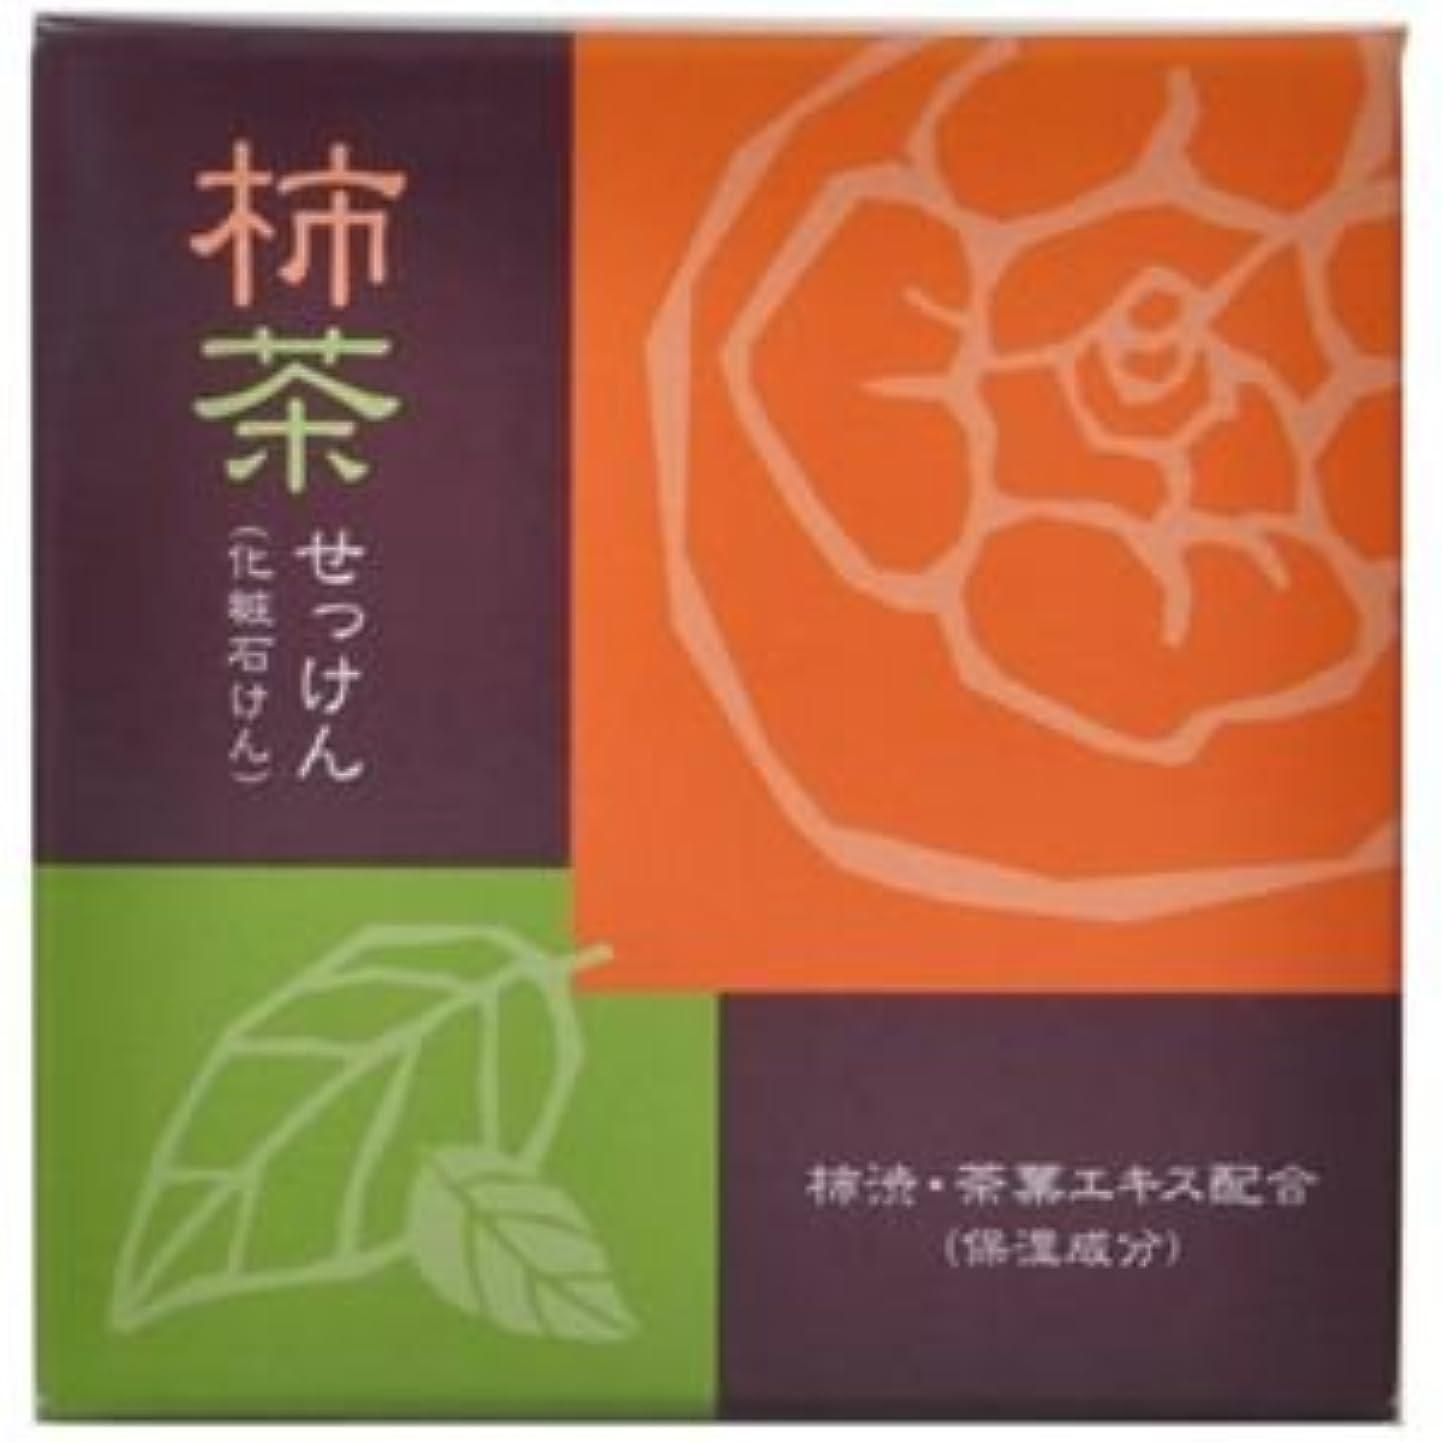 底ブリッジ騒々しい柿茶石けん 80g 【3セット】